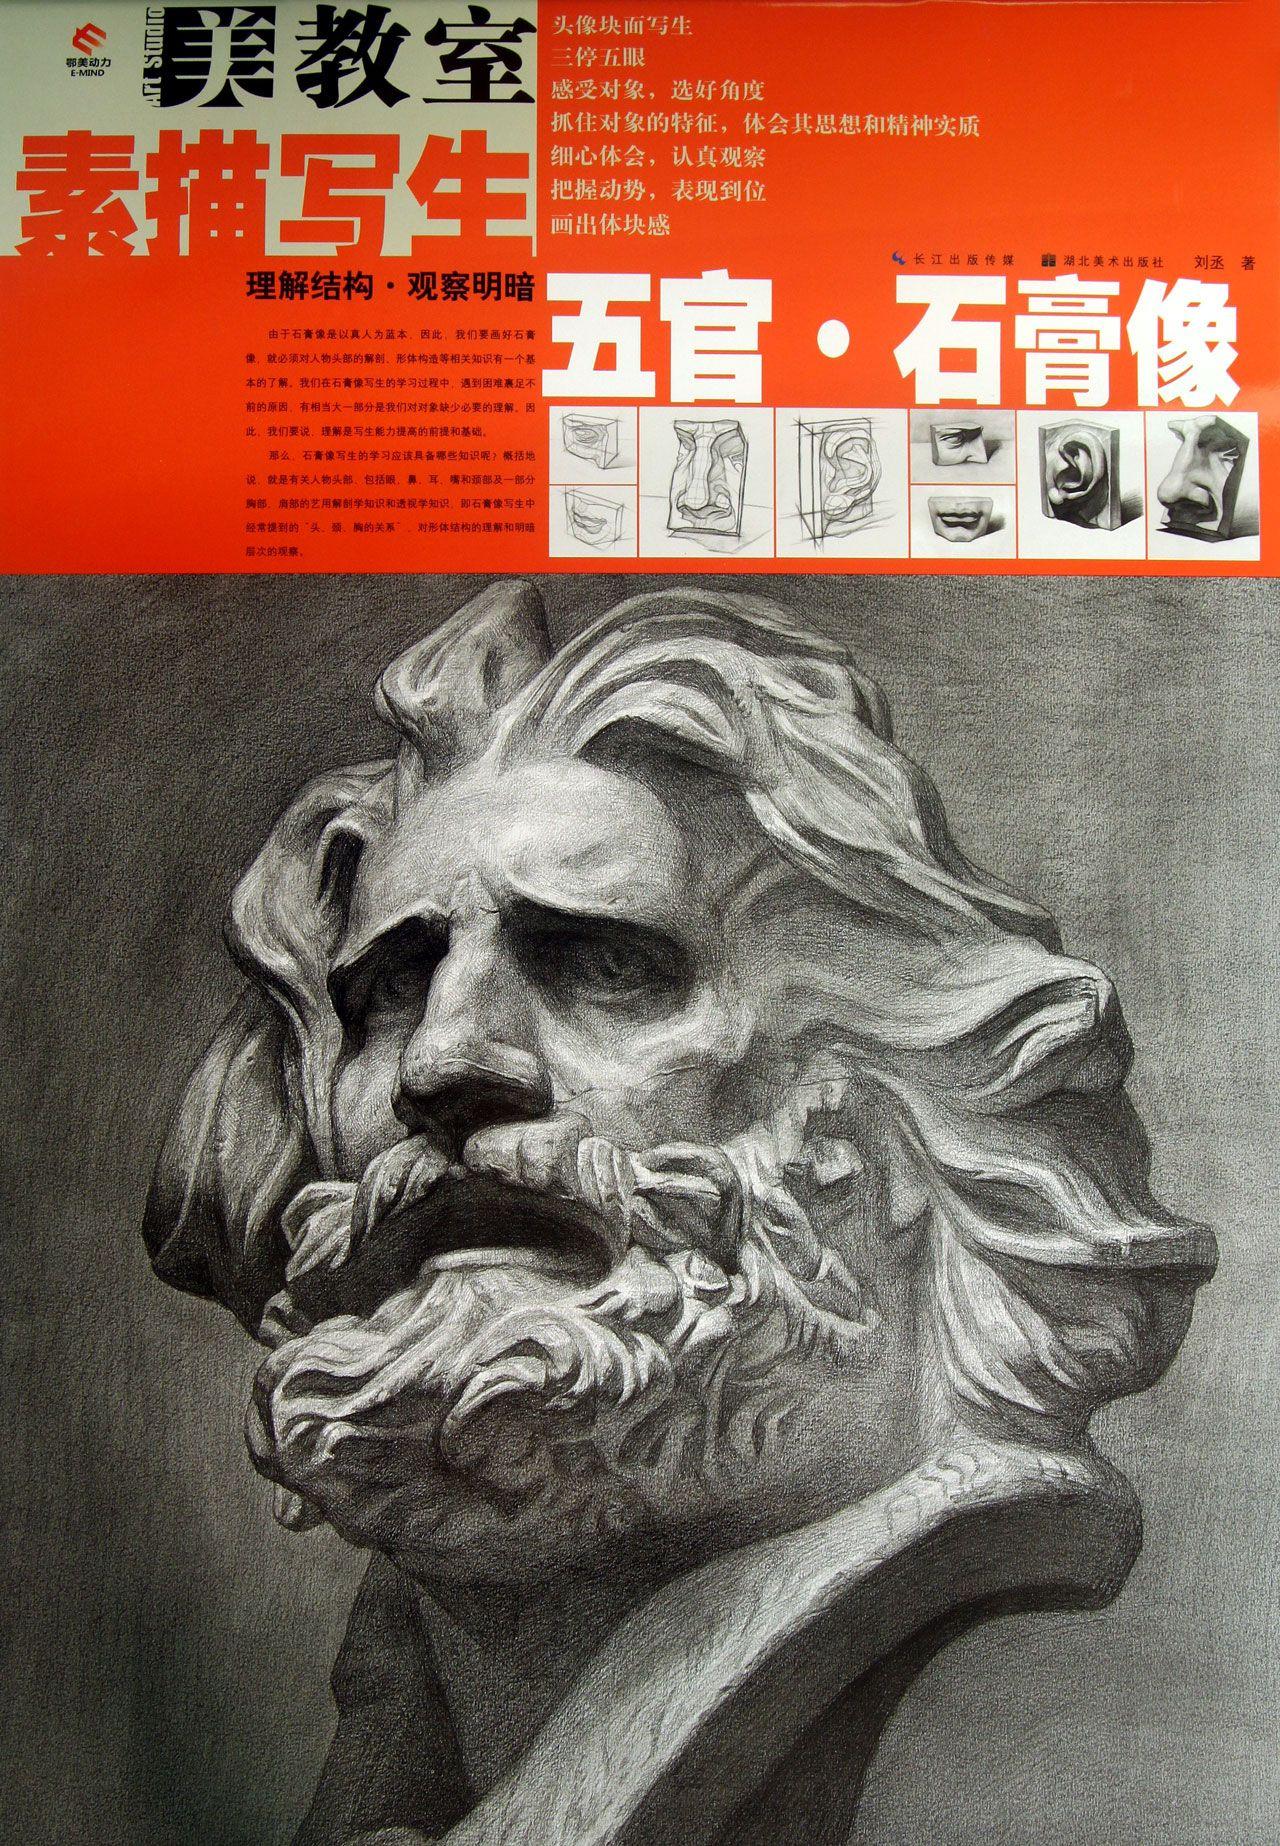 素描写生(五官石膏像)